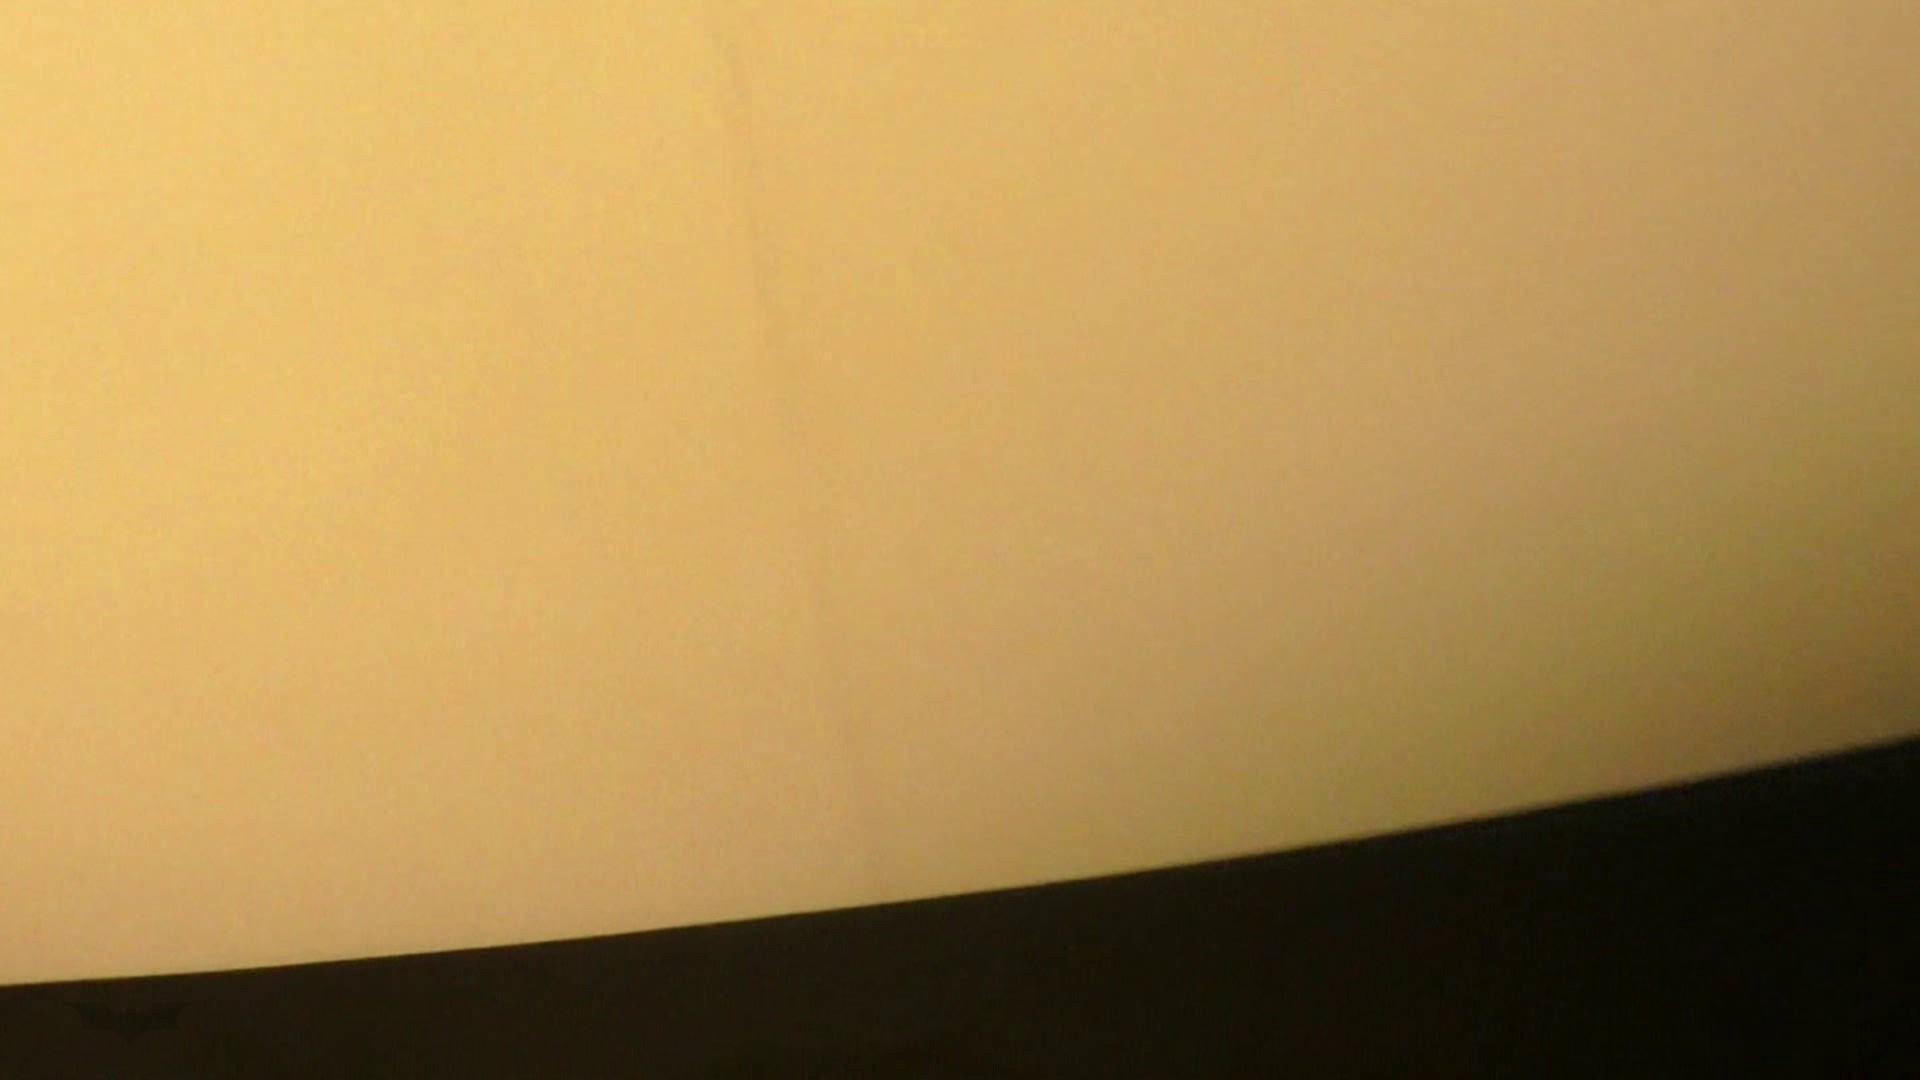 悪戯ネットカフェ Vol13 前編 最近のこの手の女性は、みんなツルット処理?? 盗撮 オマンコ動画キャプチャ 85pic 68